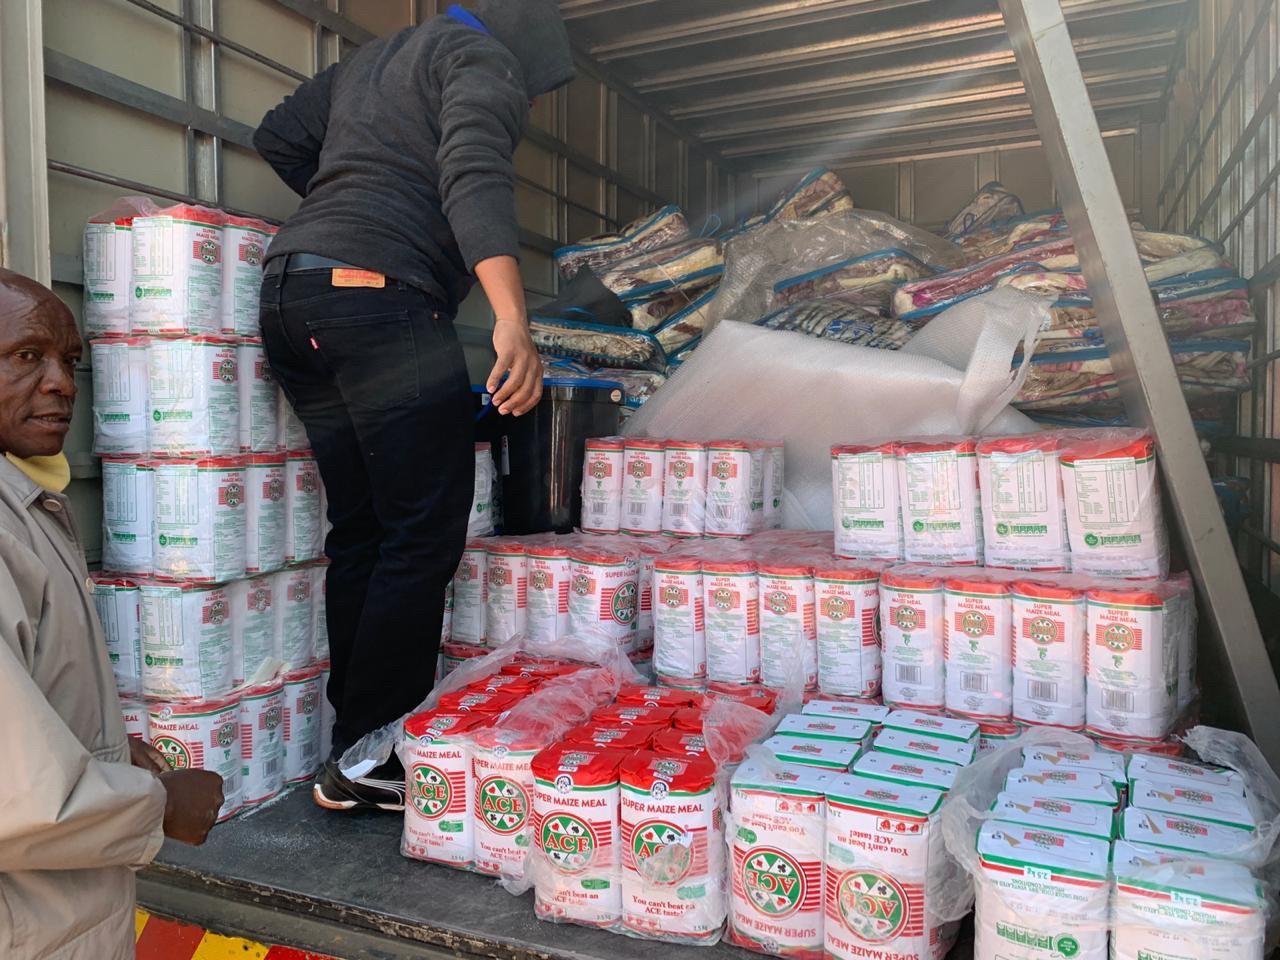 2020.06.21 非總大約堡地區第二次 救濟物資與毛毯發放作業920621 非總大約堡地區第二次 救濟物資與毛毯發放作業